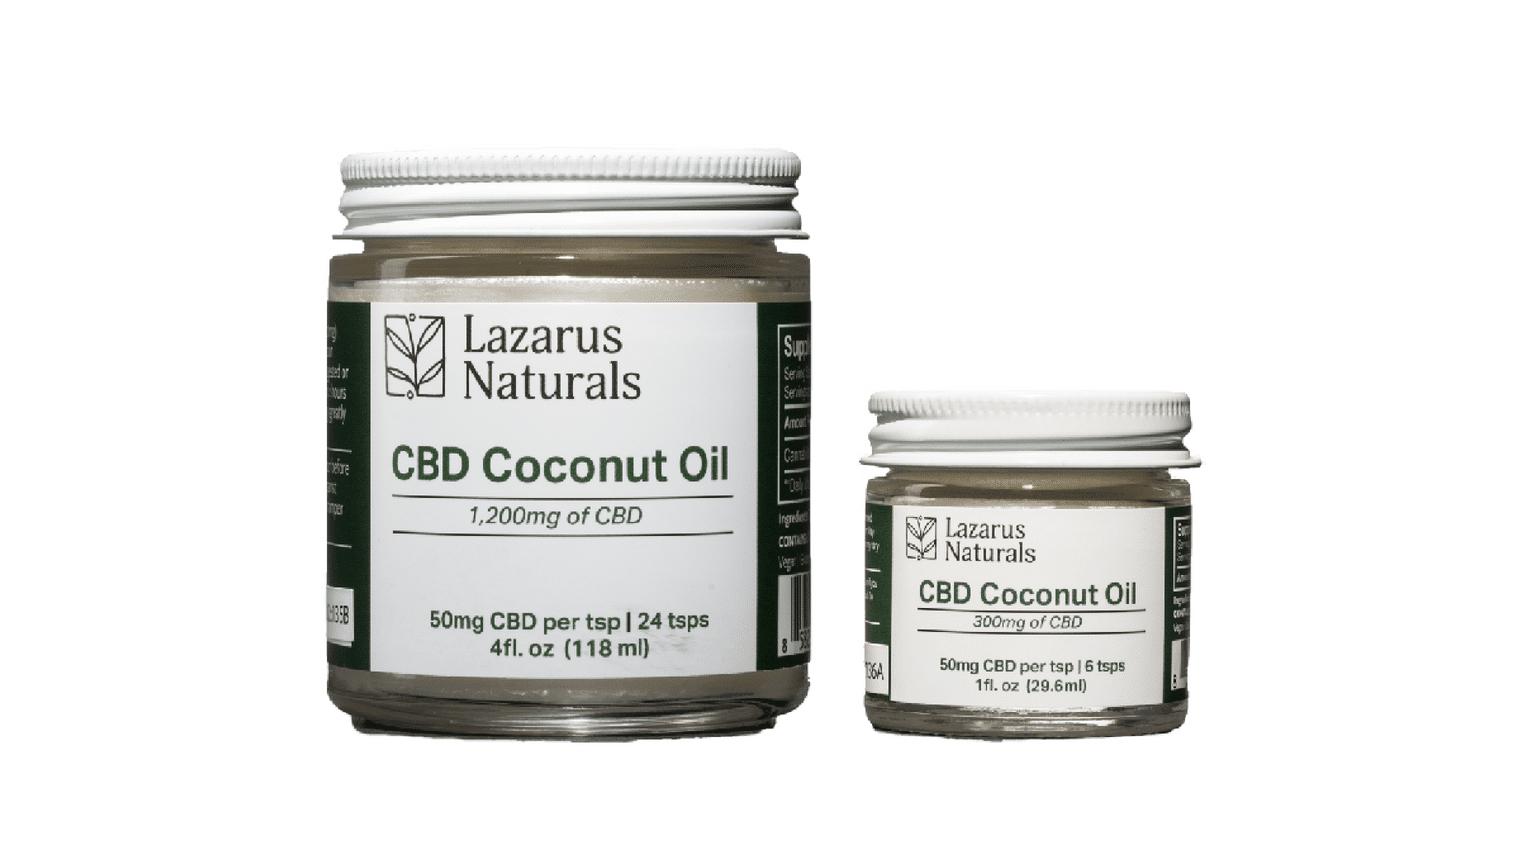 lazarus-naturals-cbd-coconut-oil